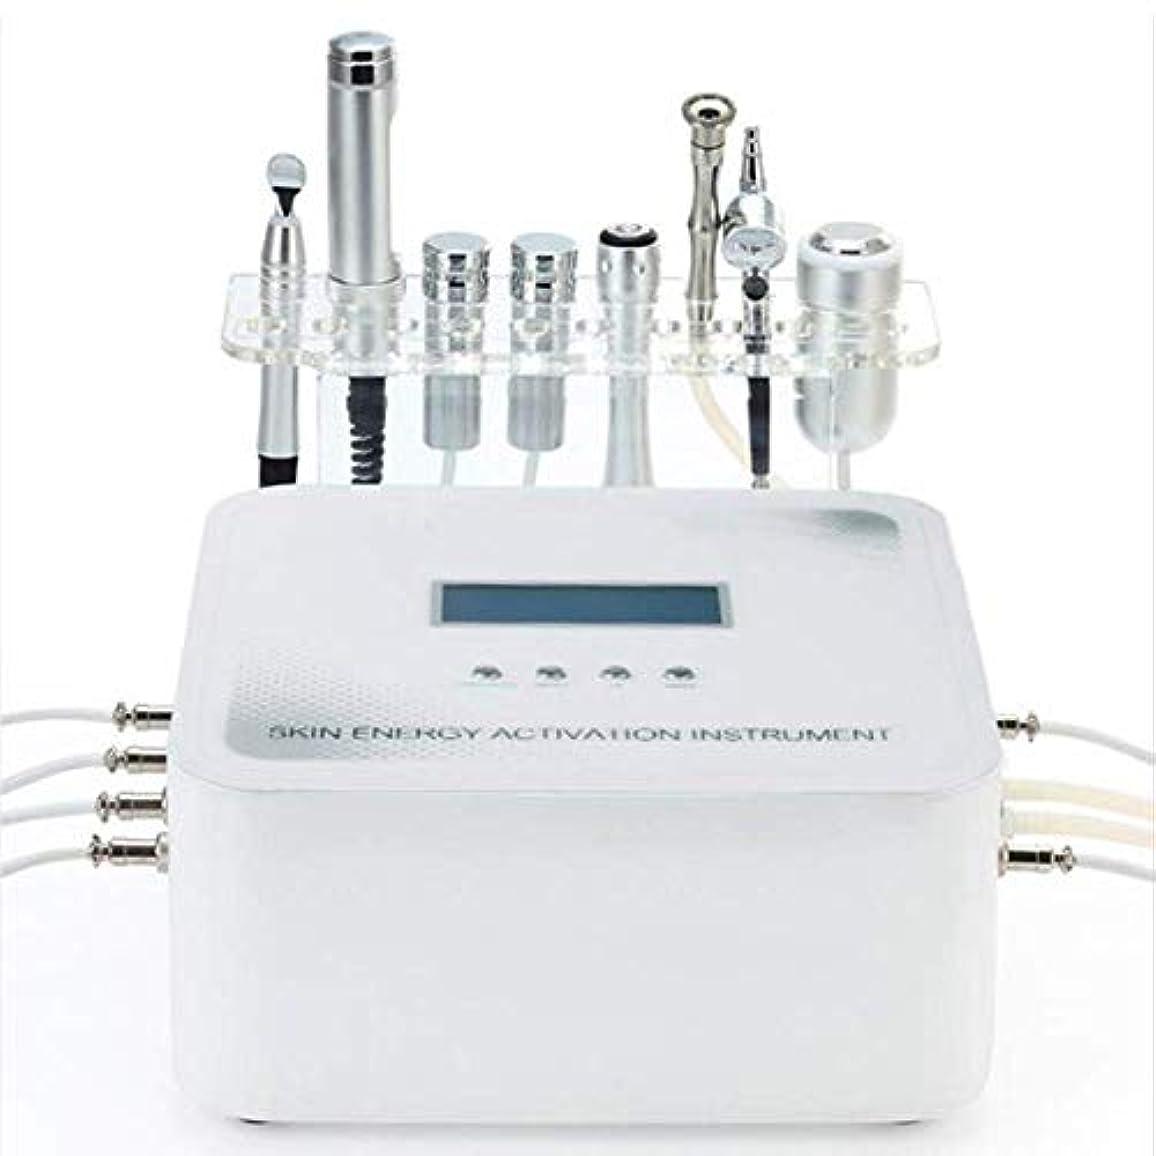 有毒なスーダン脅迫多機能両極マイクロ電気Rf美容機器、美容室の家族の使用に適した純粋な酸素肌の若返り楽器、150ワット110ボルト